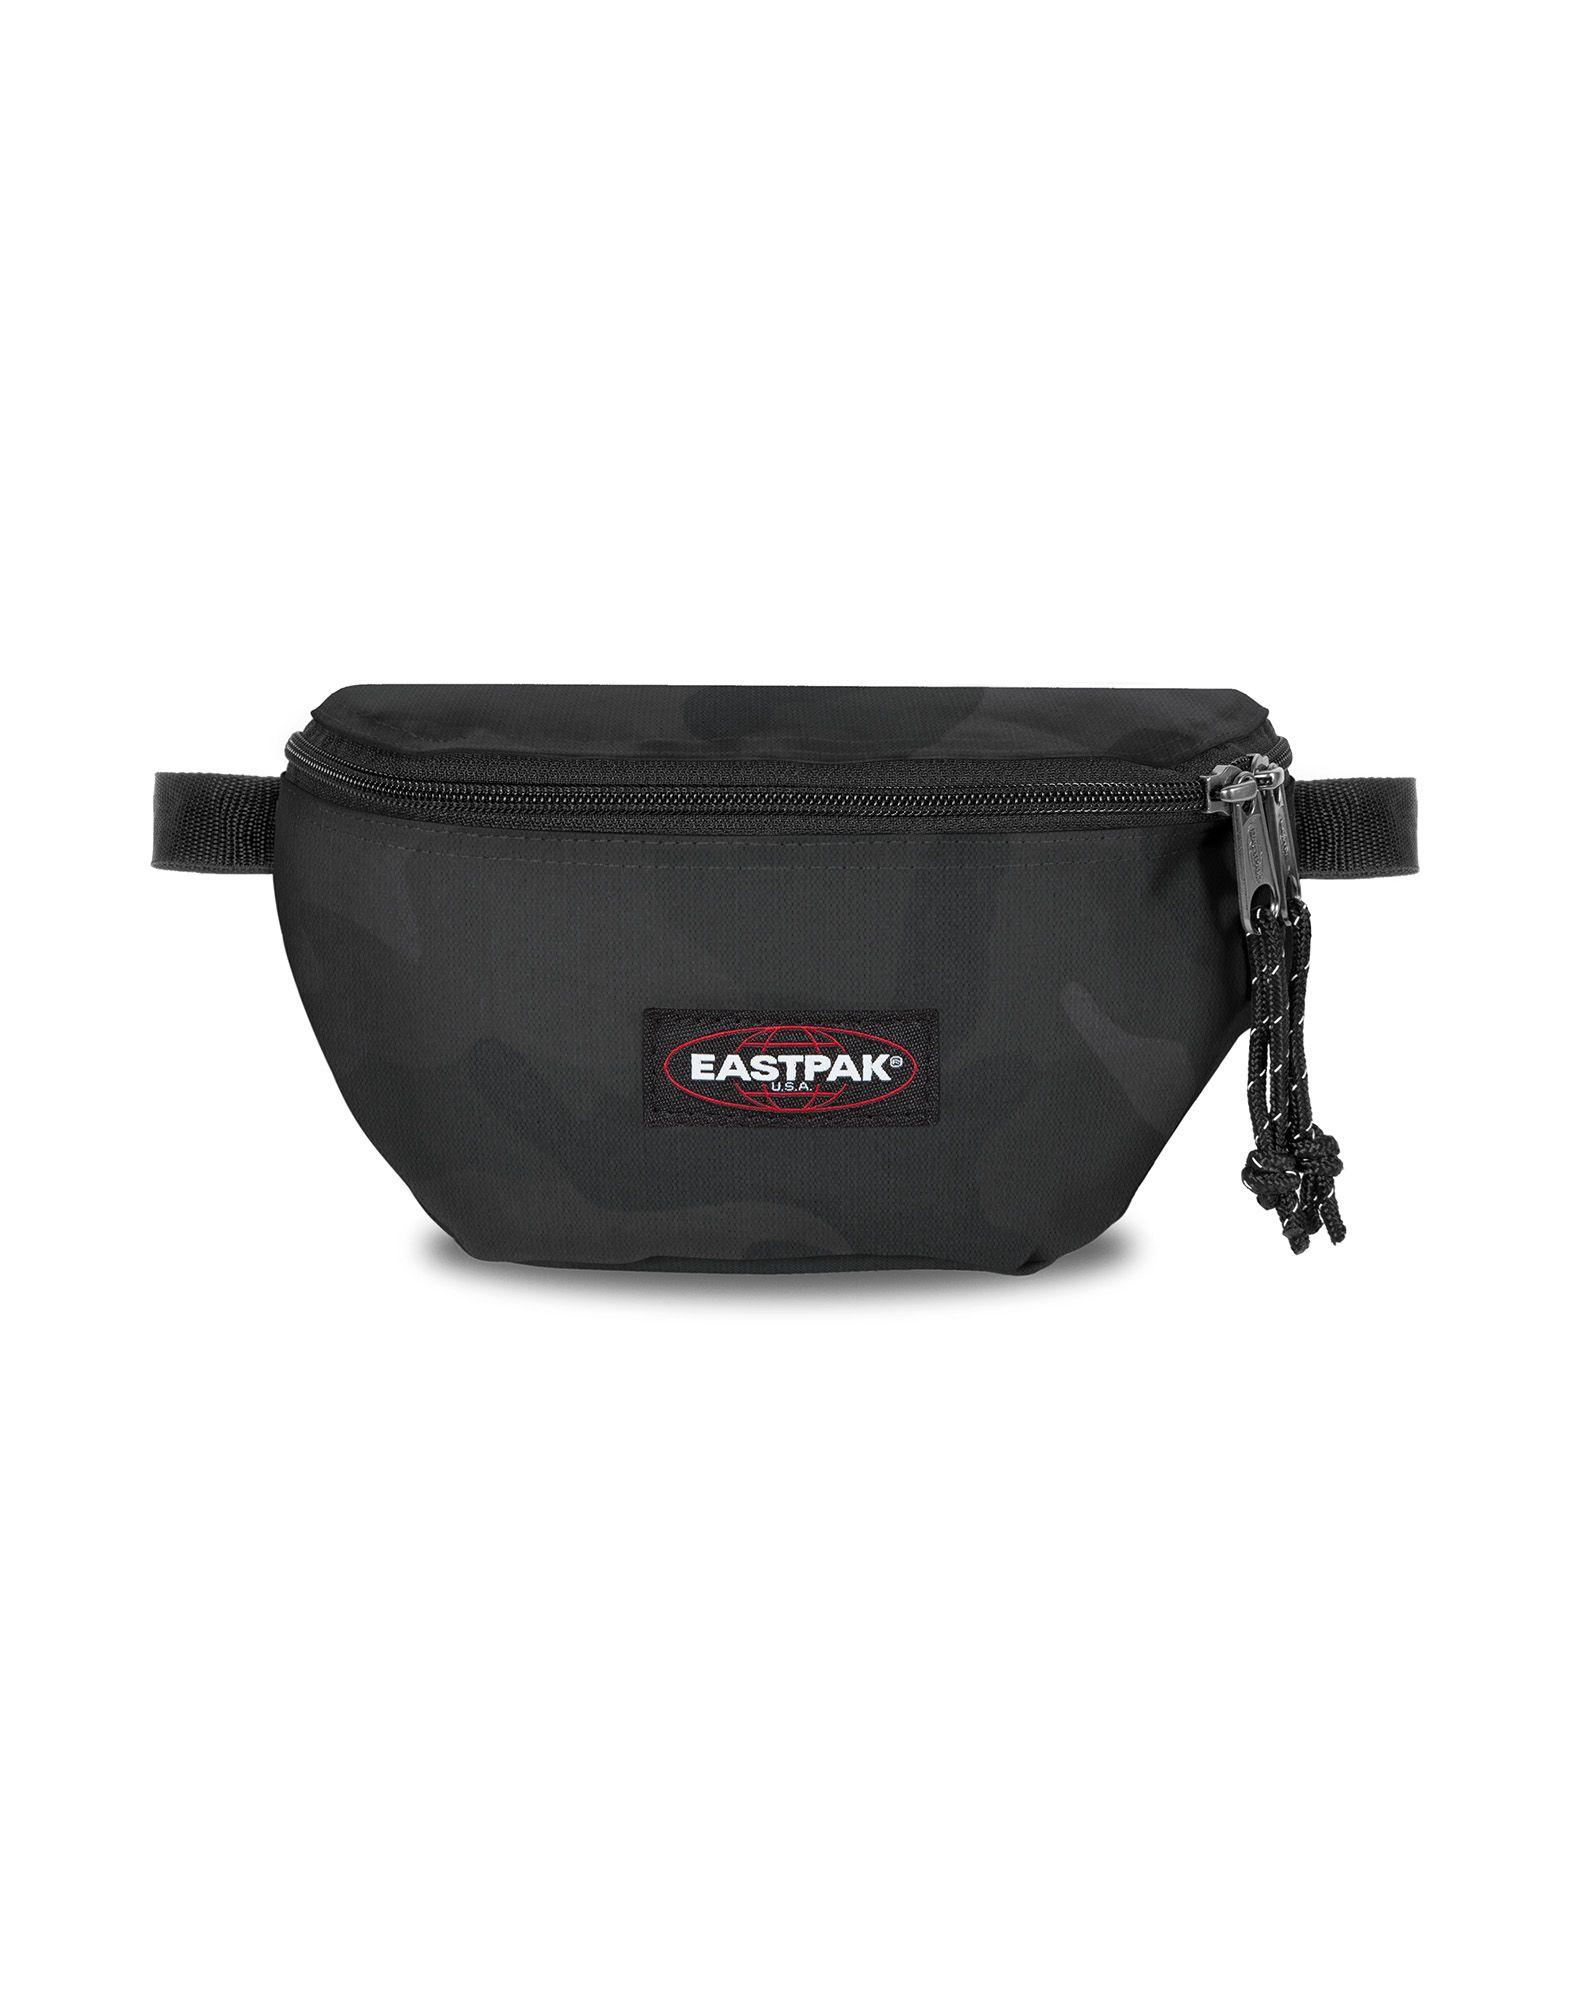 EASTPAK Рюкзаки и сумки на пояс мужские сумки рюкзаки интернет магазин недорого